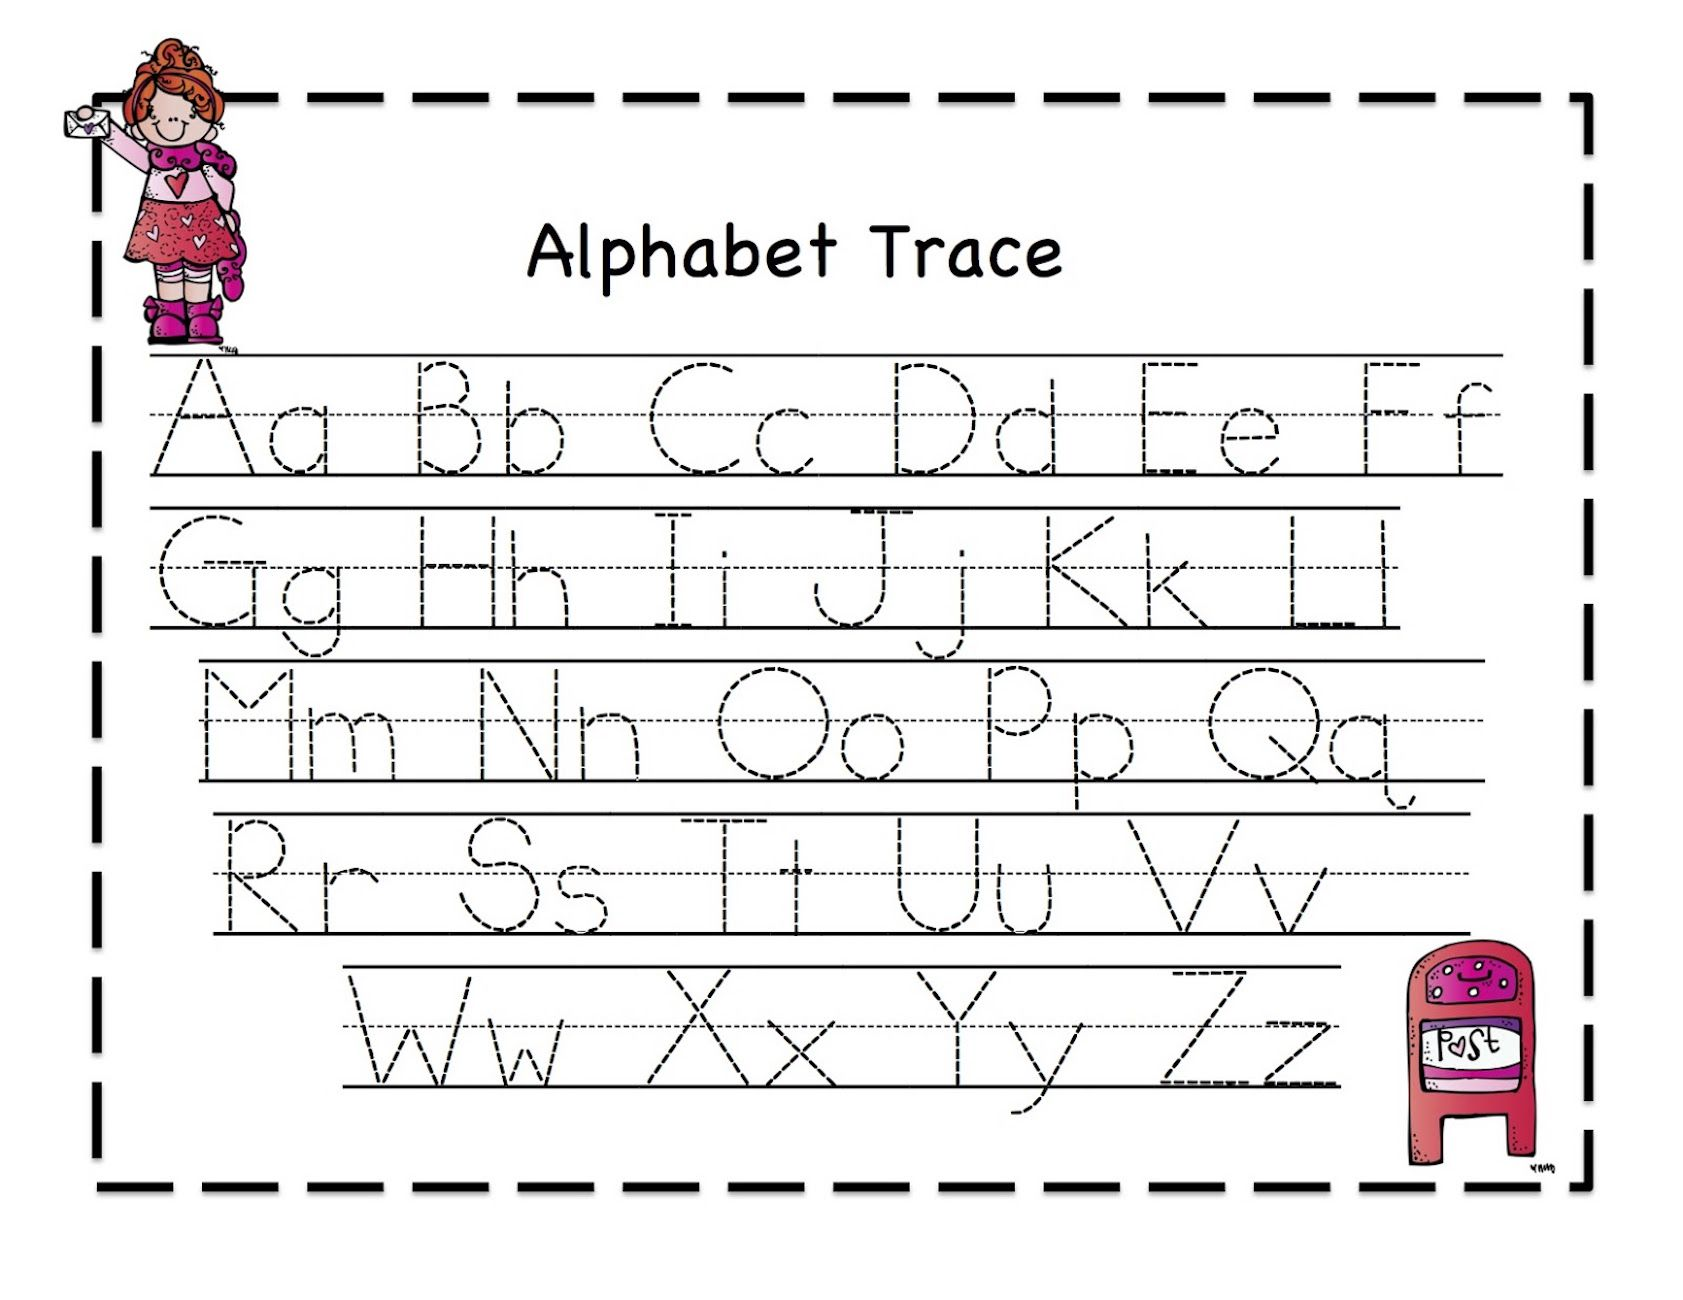 Abc Tracing Sheets For Preschool 1 683 1 300 Pixels